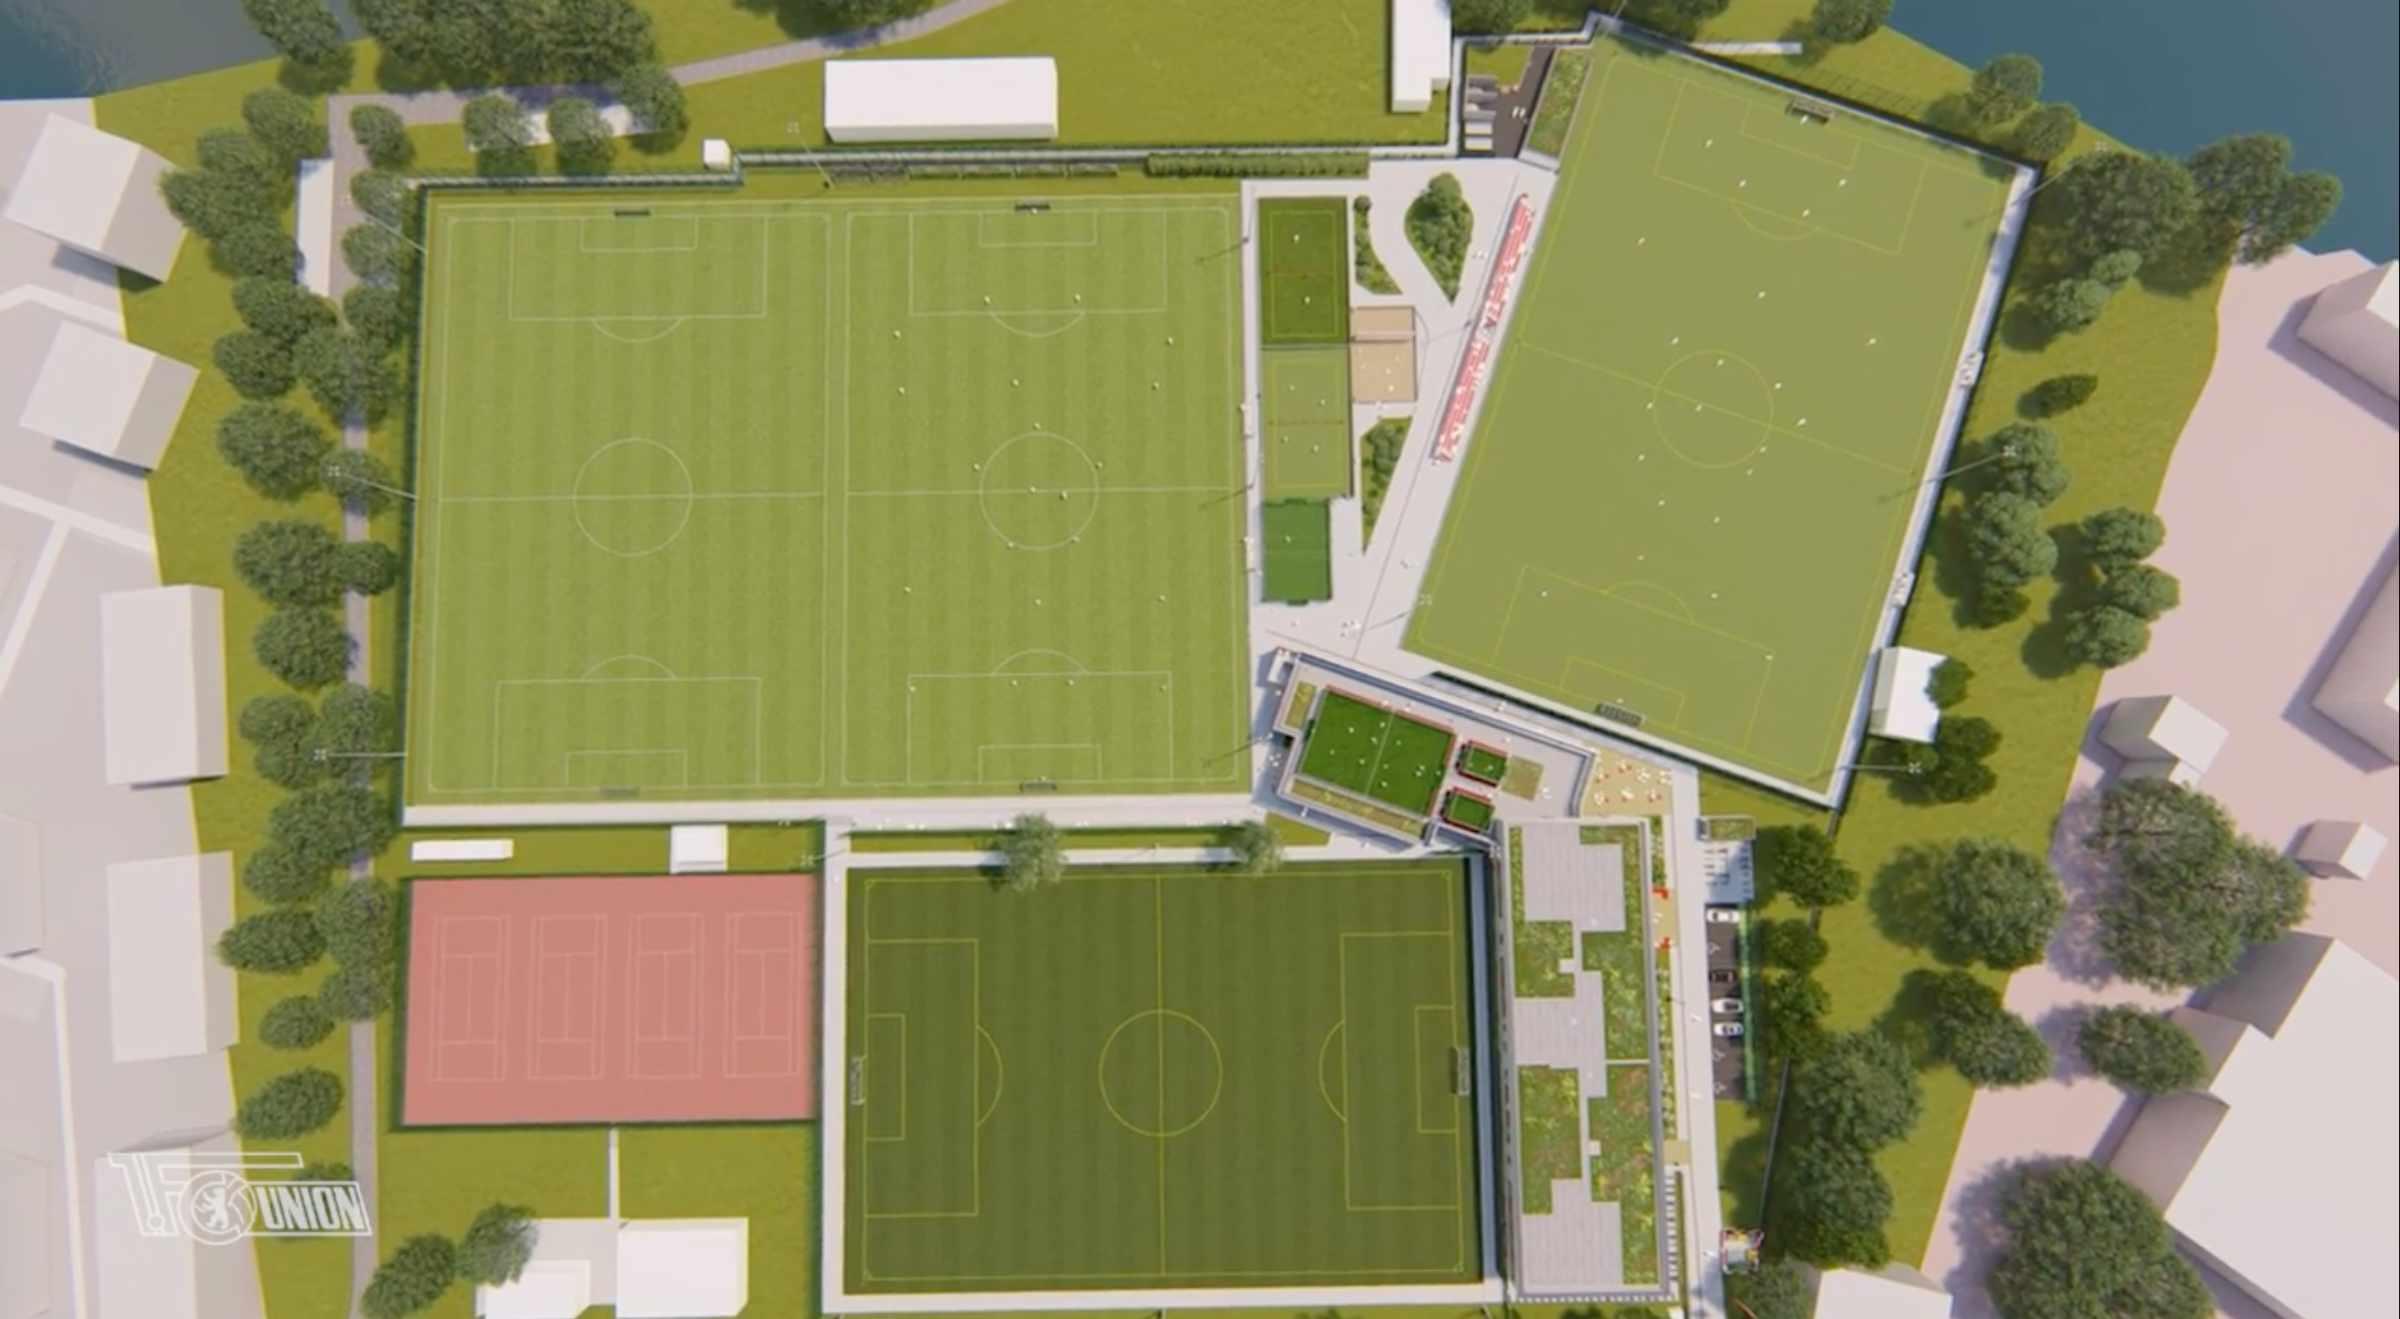 Bauabschnitt A des Nachwuchsleistungszentrums des 1. FC Union Berlin, Screenshot: AFTV